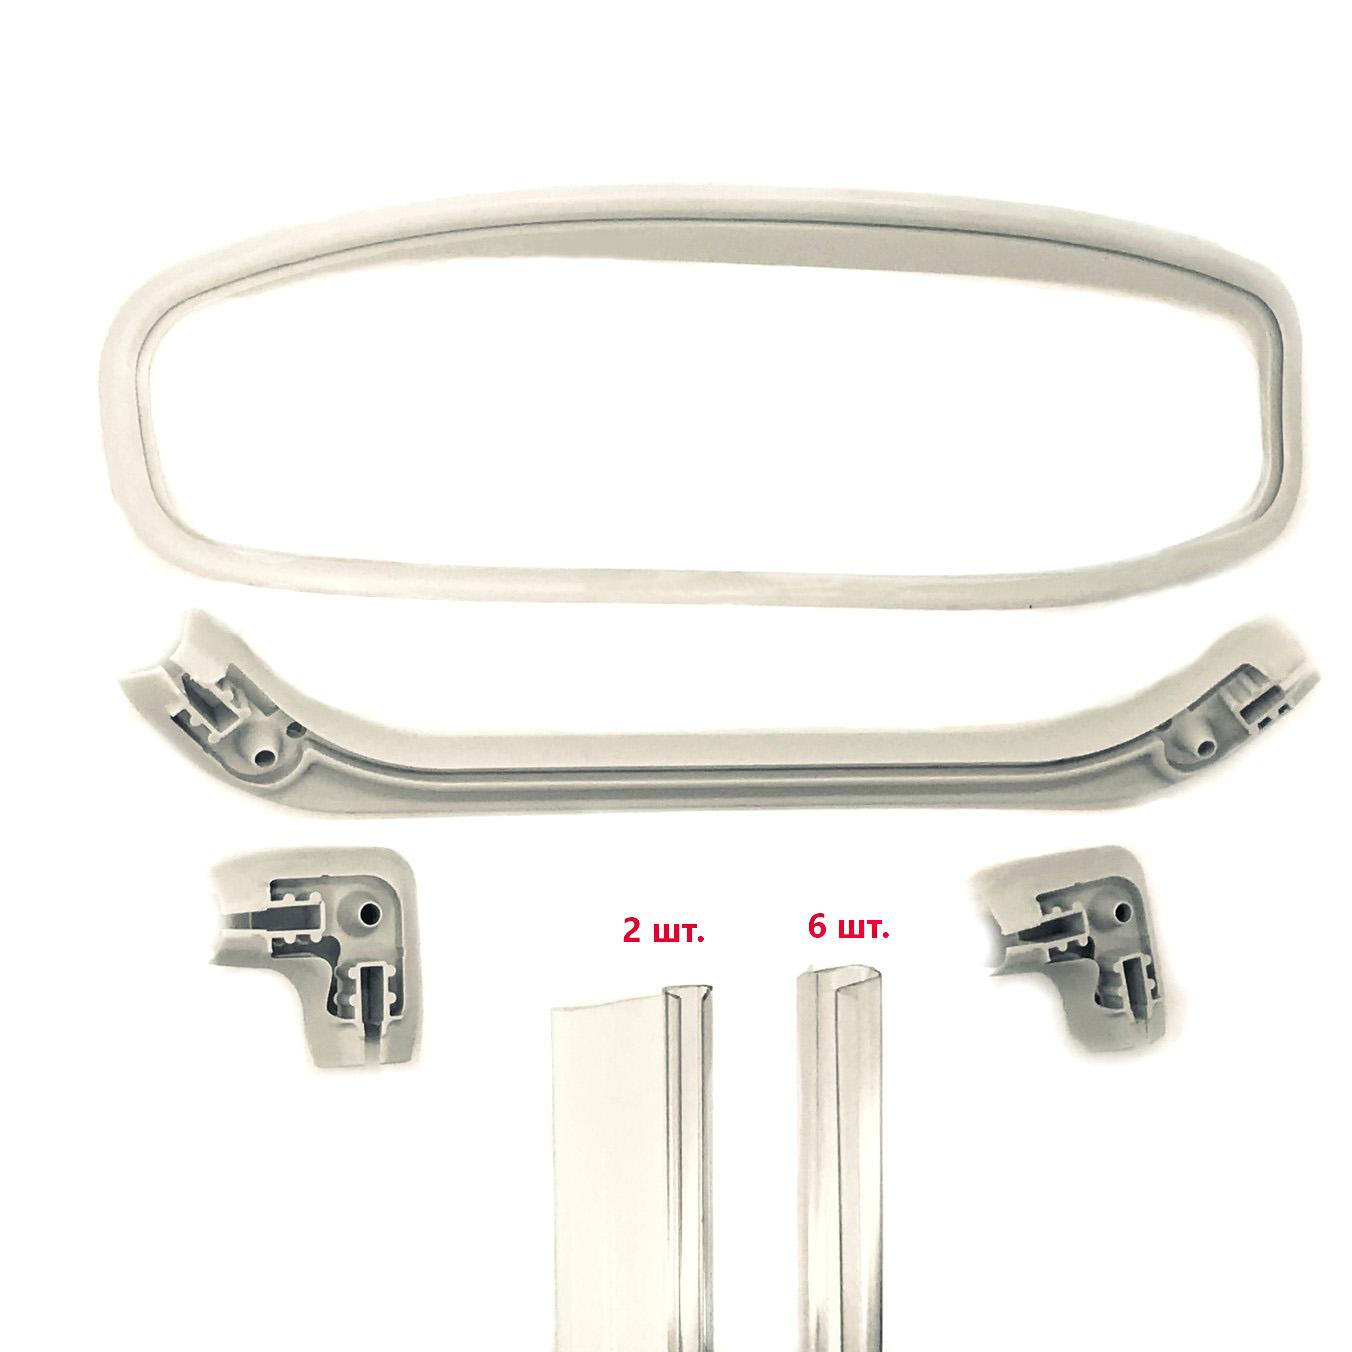 Оригинальный комплект уплотнителей для душевой кабины Ido Showerama 6-5 и 6-3